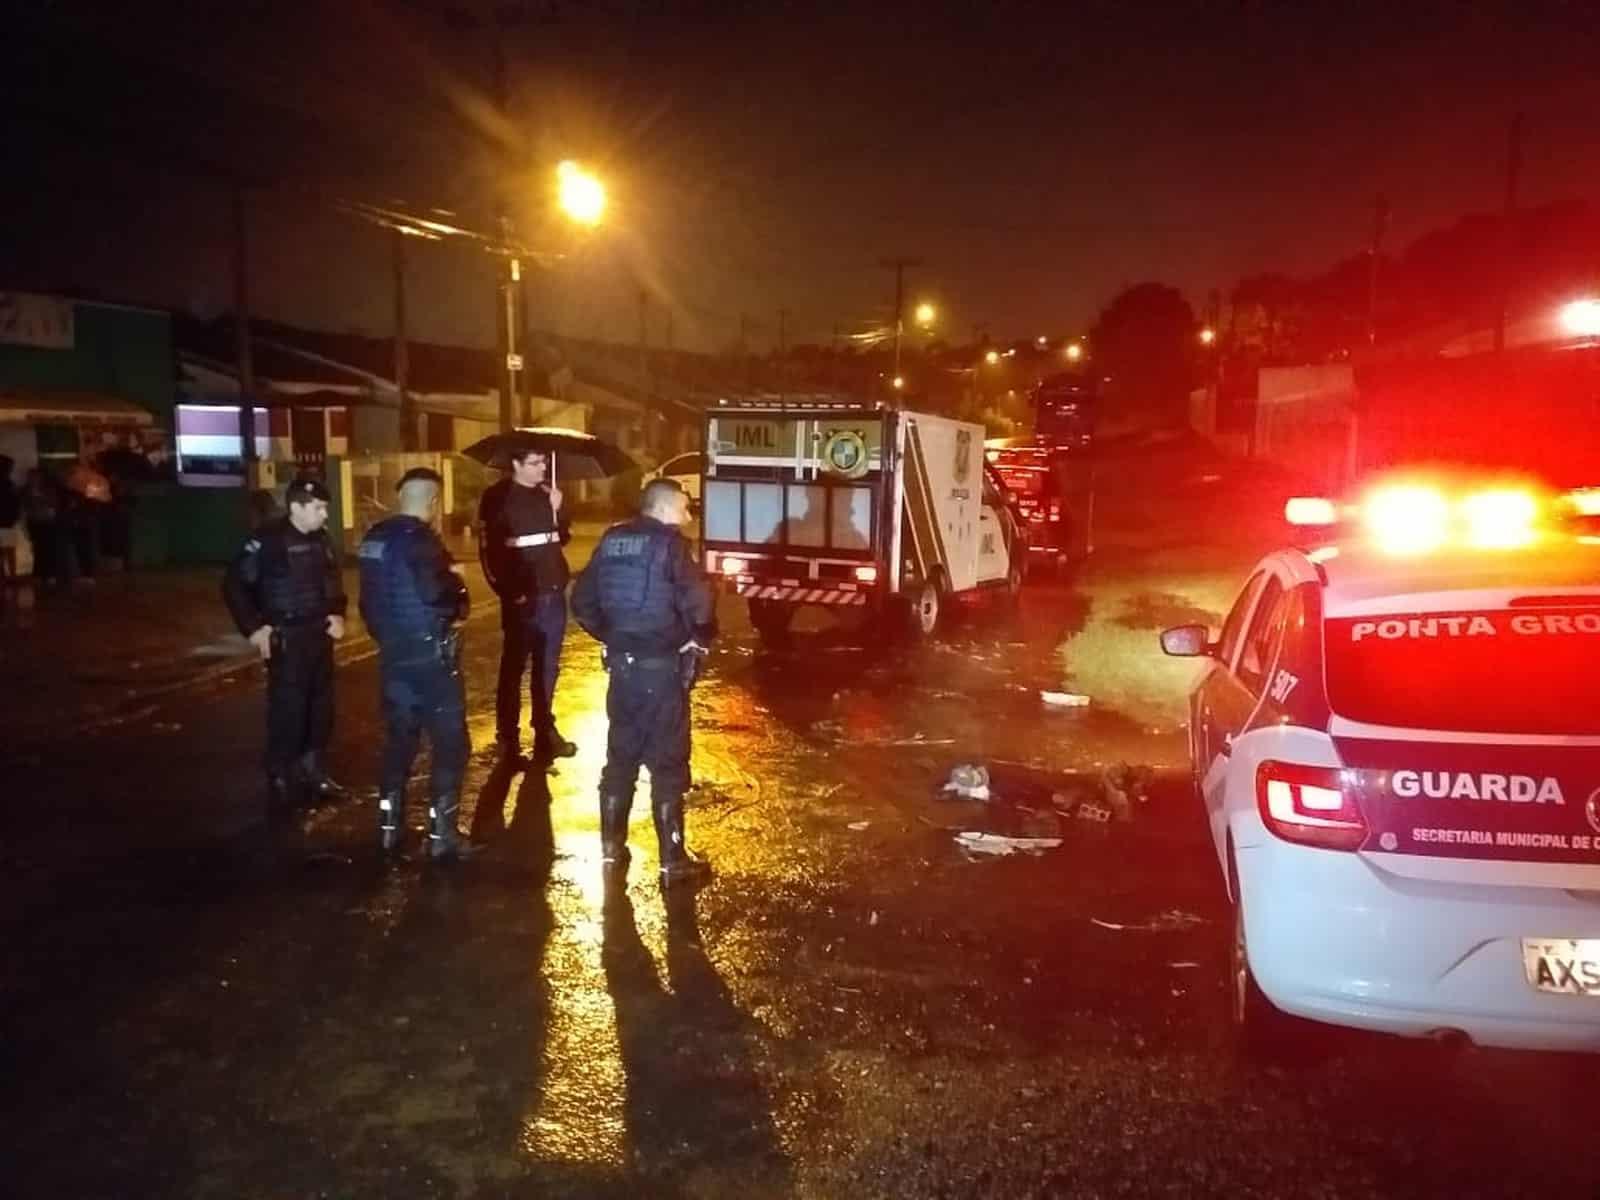 Suspeita é de que corpo foi arrastado pela água da chuva — Foto: Fábio Ângelo/RPC